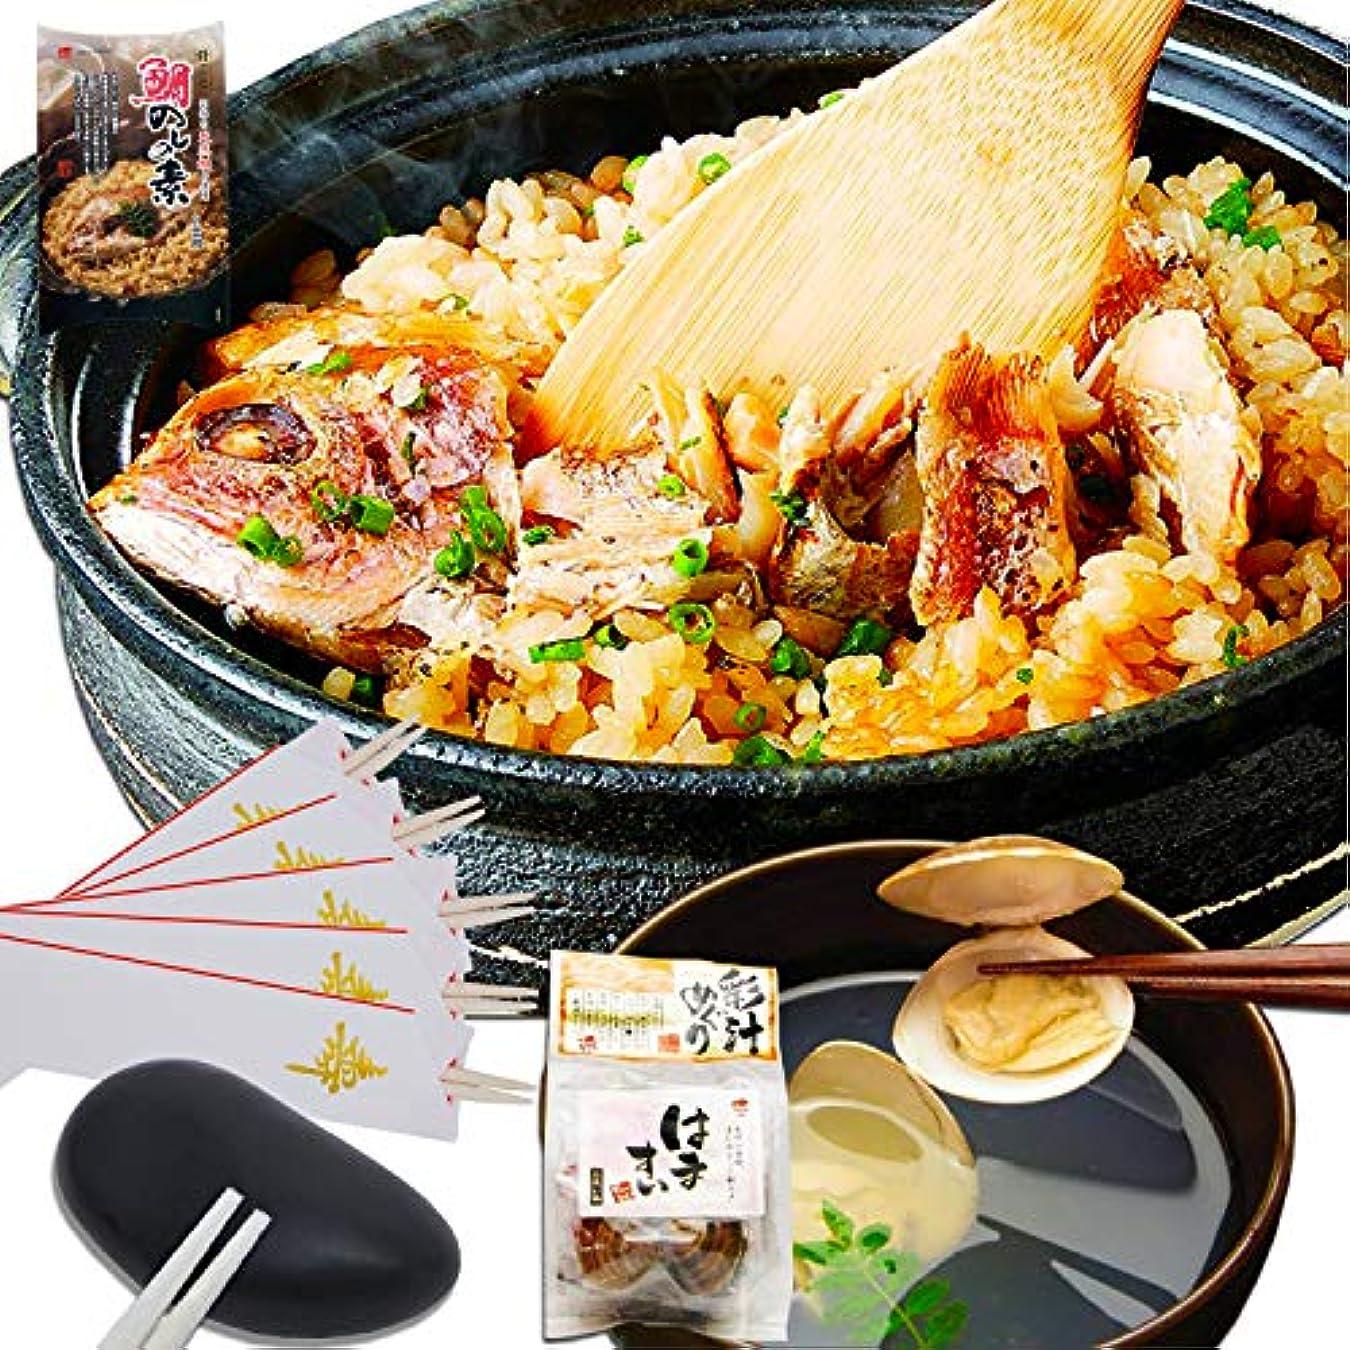 トレイル動的慎重お食い初めセット 国産天然鯛 蛤吸い物 歯固め石 箸 忙しいママへの簡単セット 100日祝い